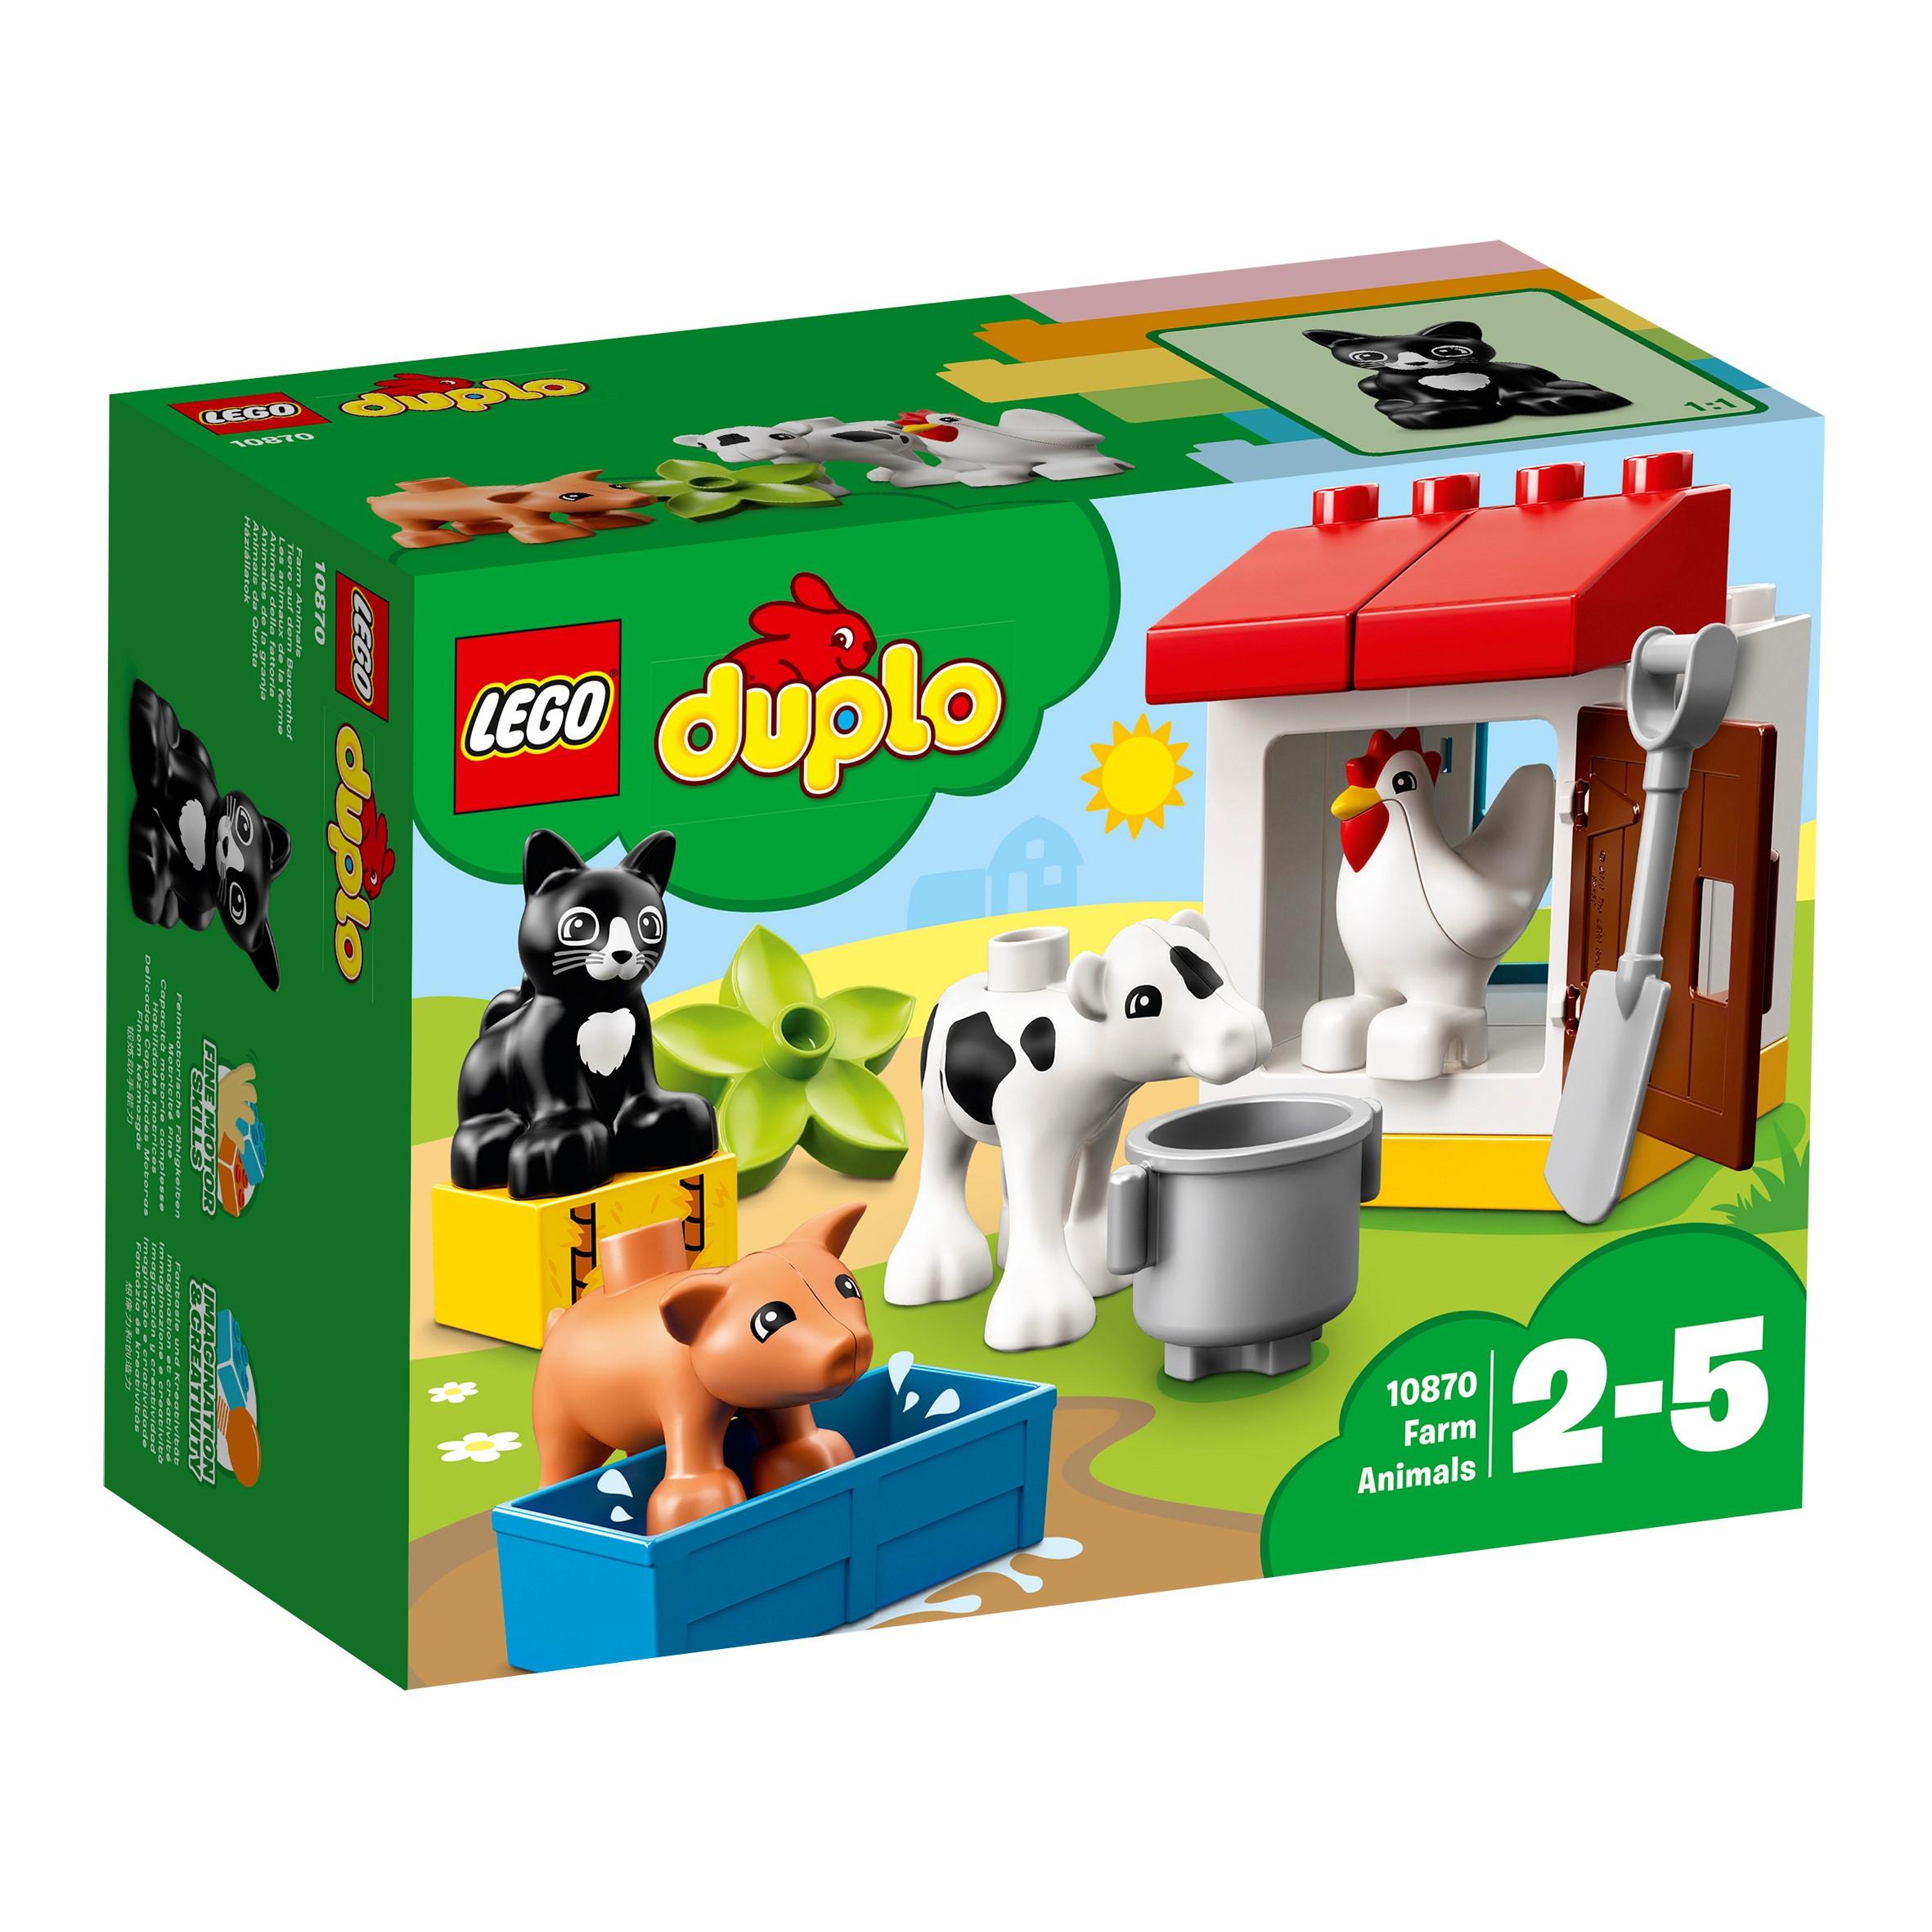 LEGO DUPLO Bauernhof 10870 Tiere auf dem Bauernhof